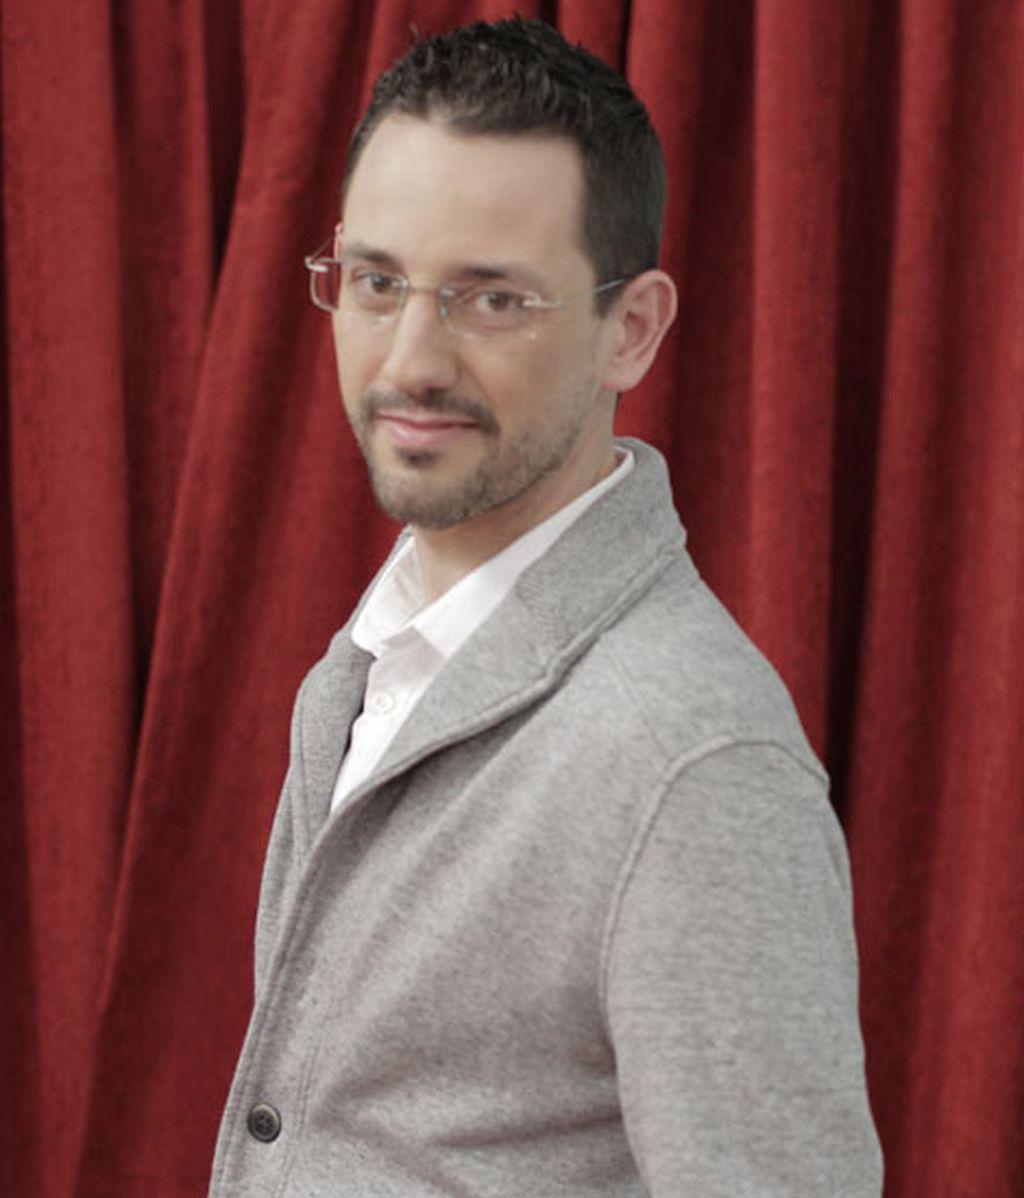 Jaime Gispert, nerd